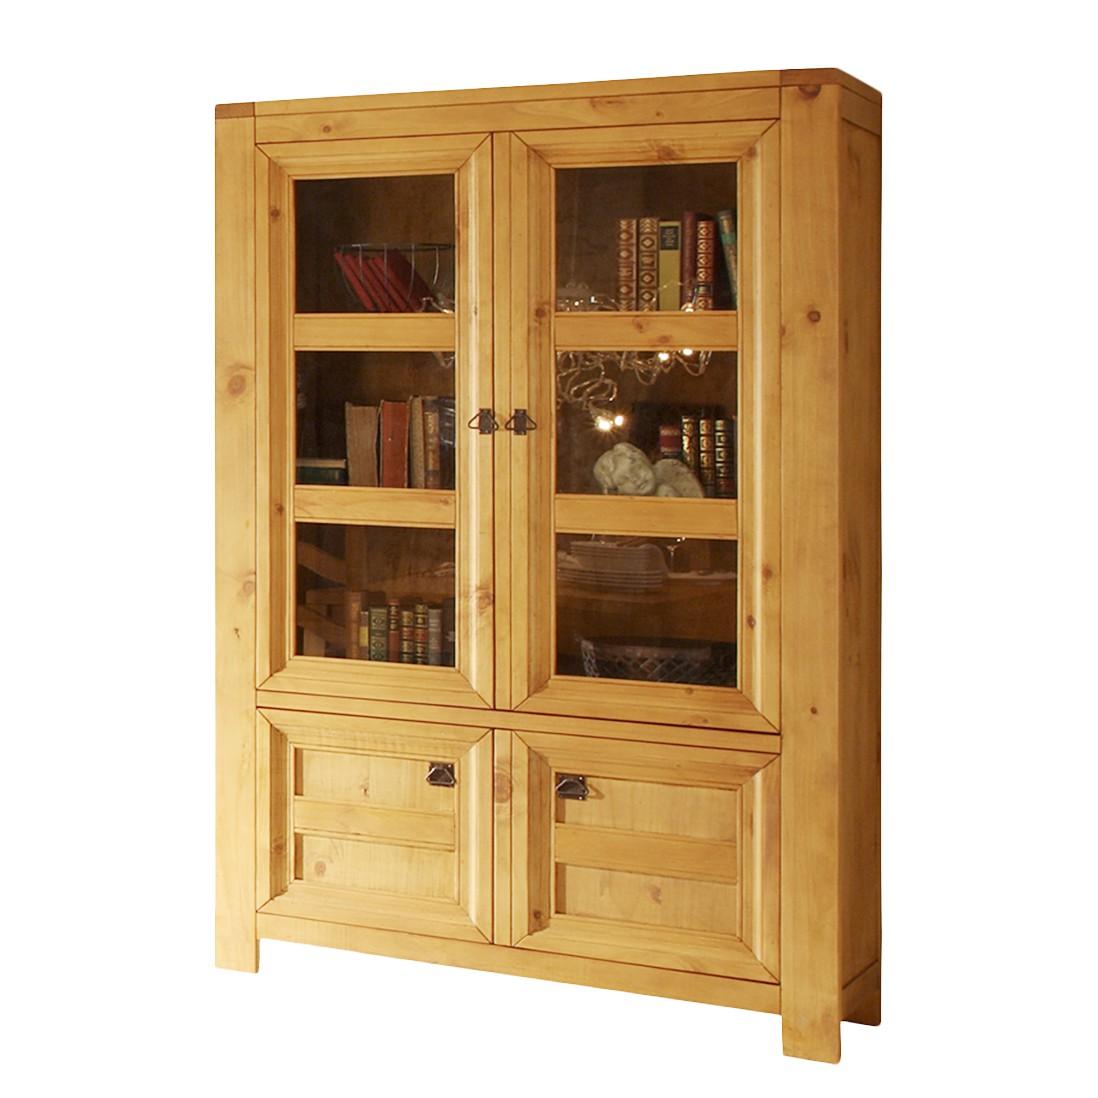 vitrinenschrank salsa pinie massivholz antik gewachst m bel exclusive kaufen. Black Bedroom Furniture Sets. Home Design Ideas